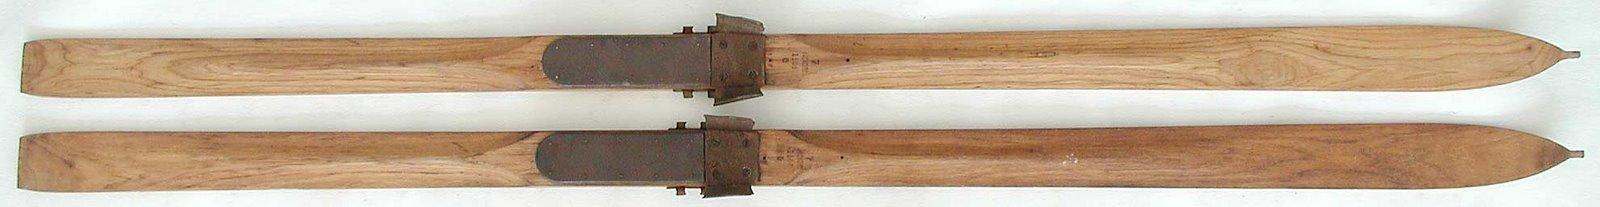 [skis_1927_+(www.vintageskiwolrd.com).jpg]